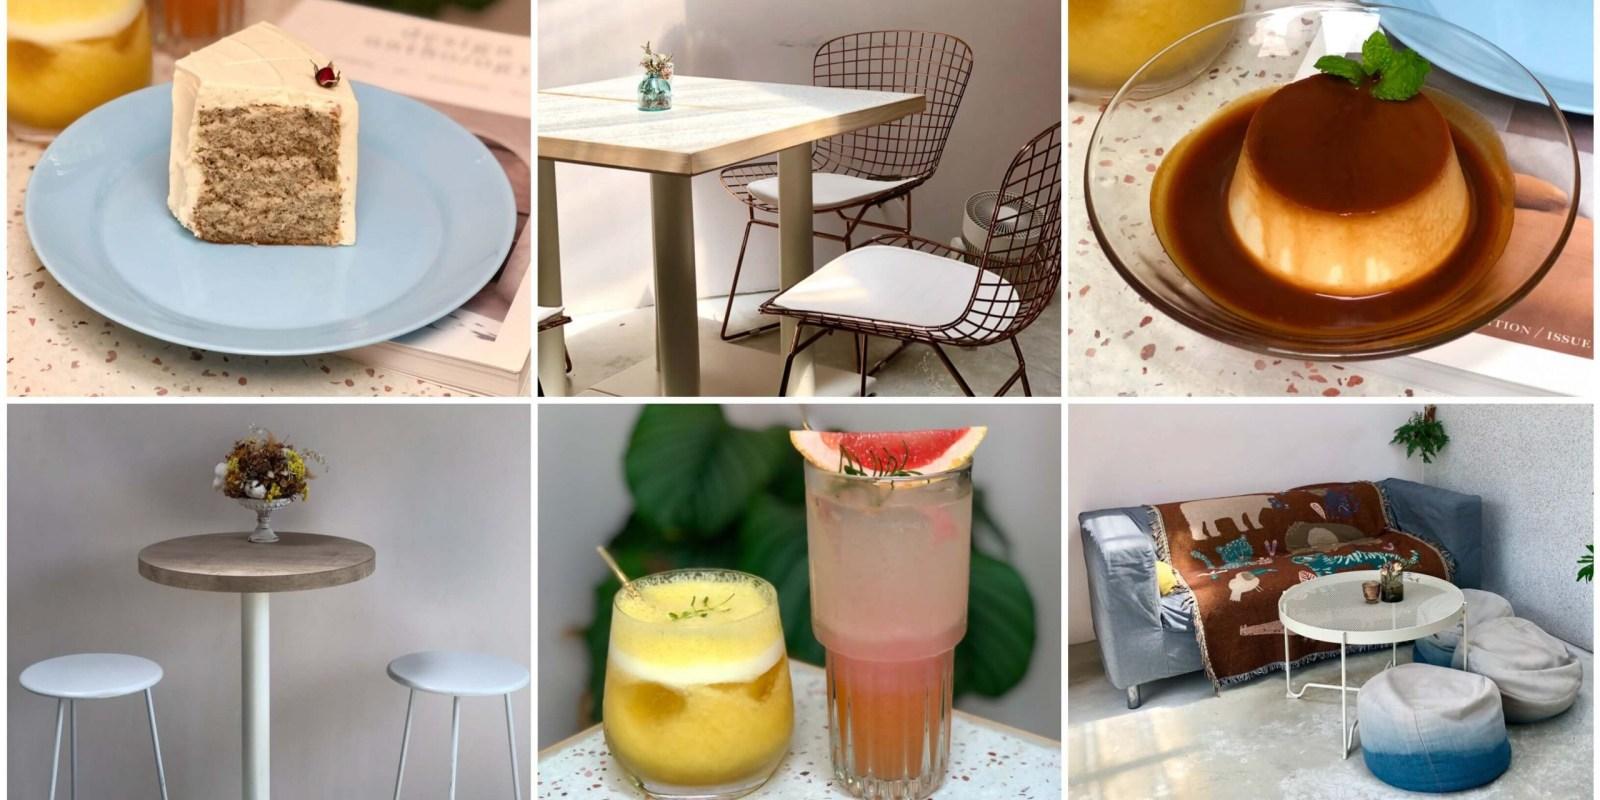 【台北美食】麓鳩 巷弄內純白色系的不限時咖啡廳,從門口到座位區都充滿著仙氣